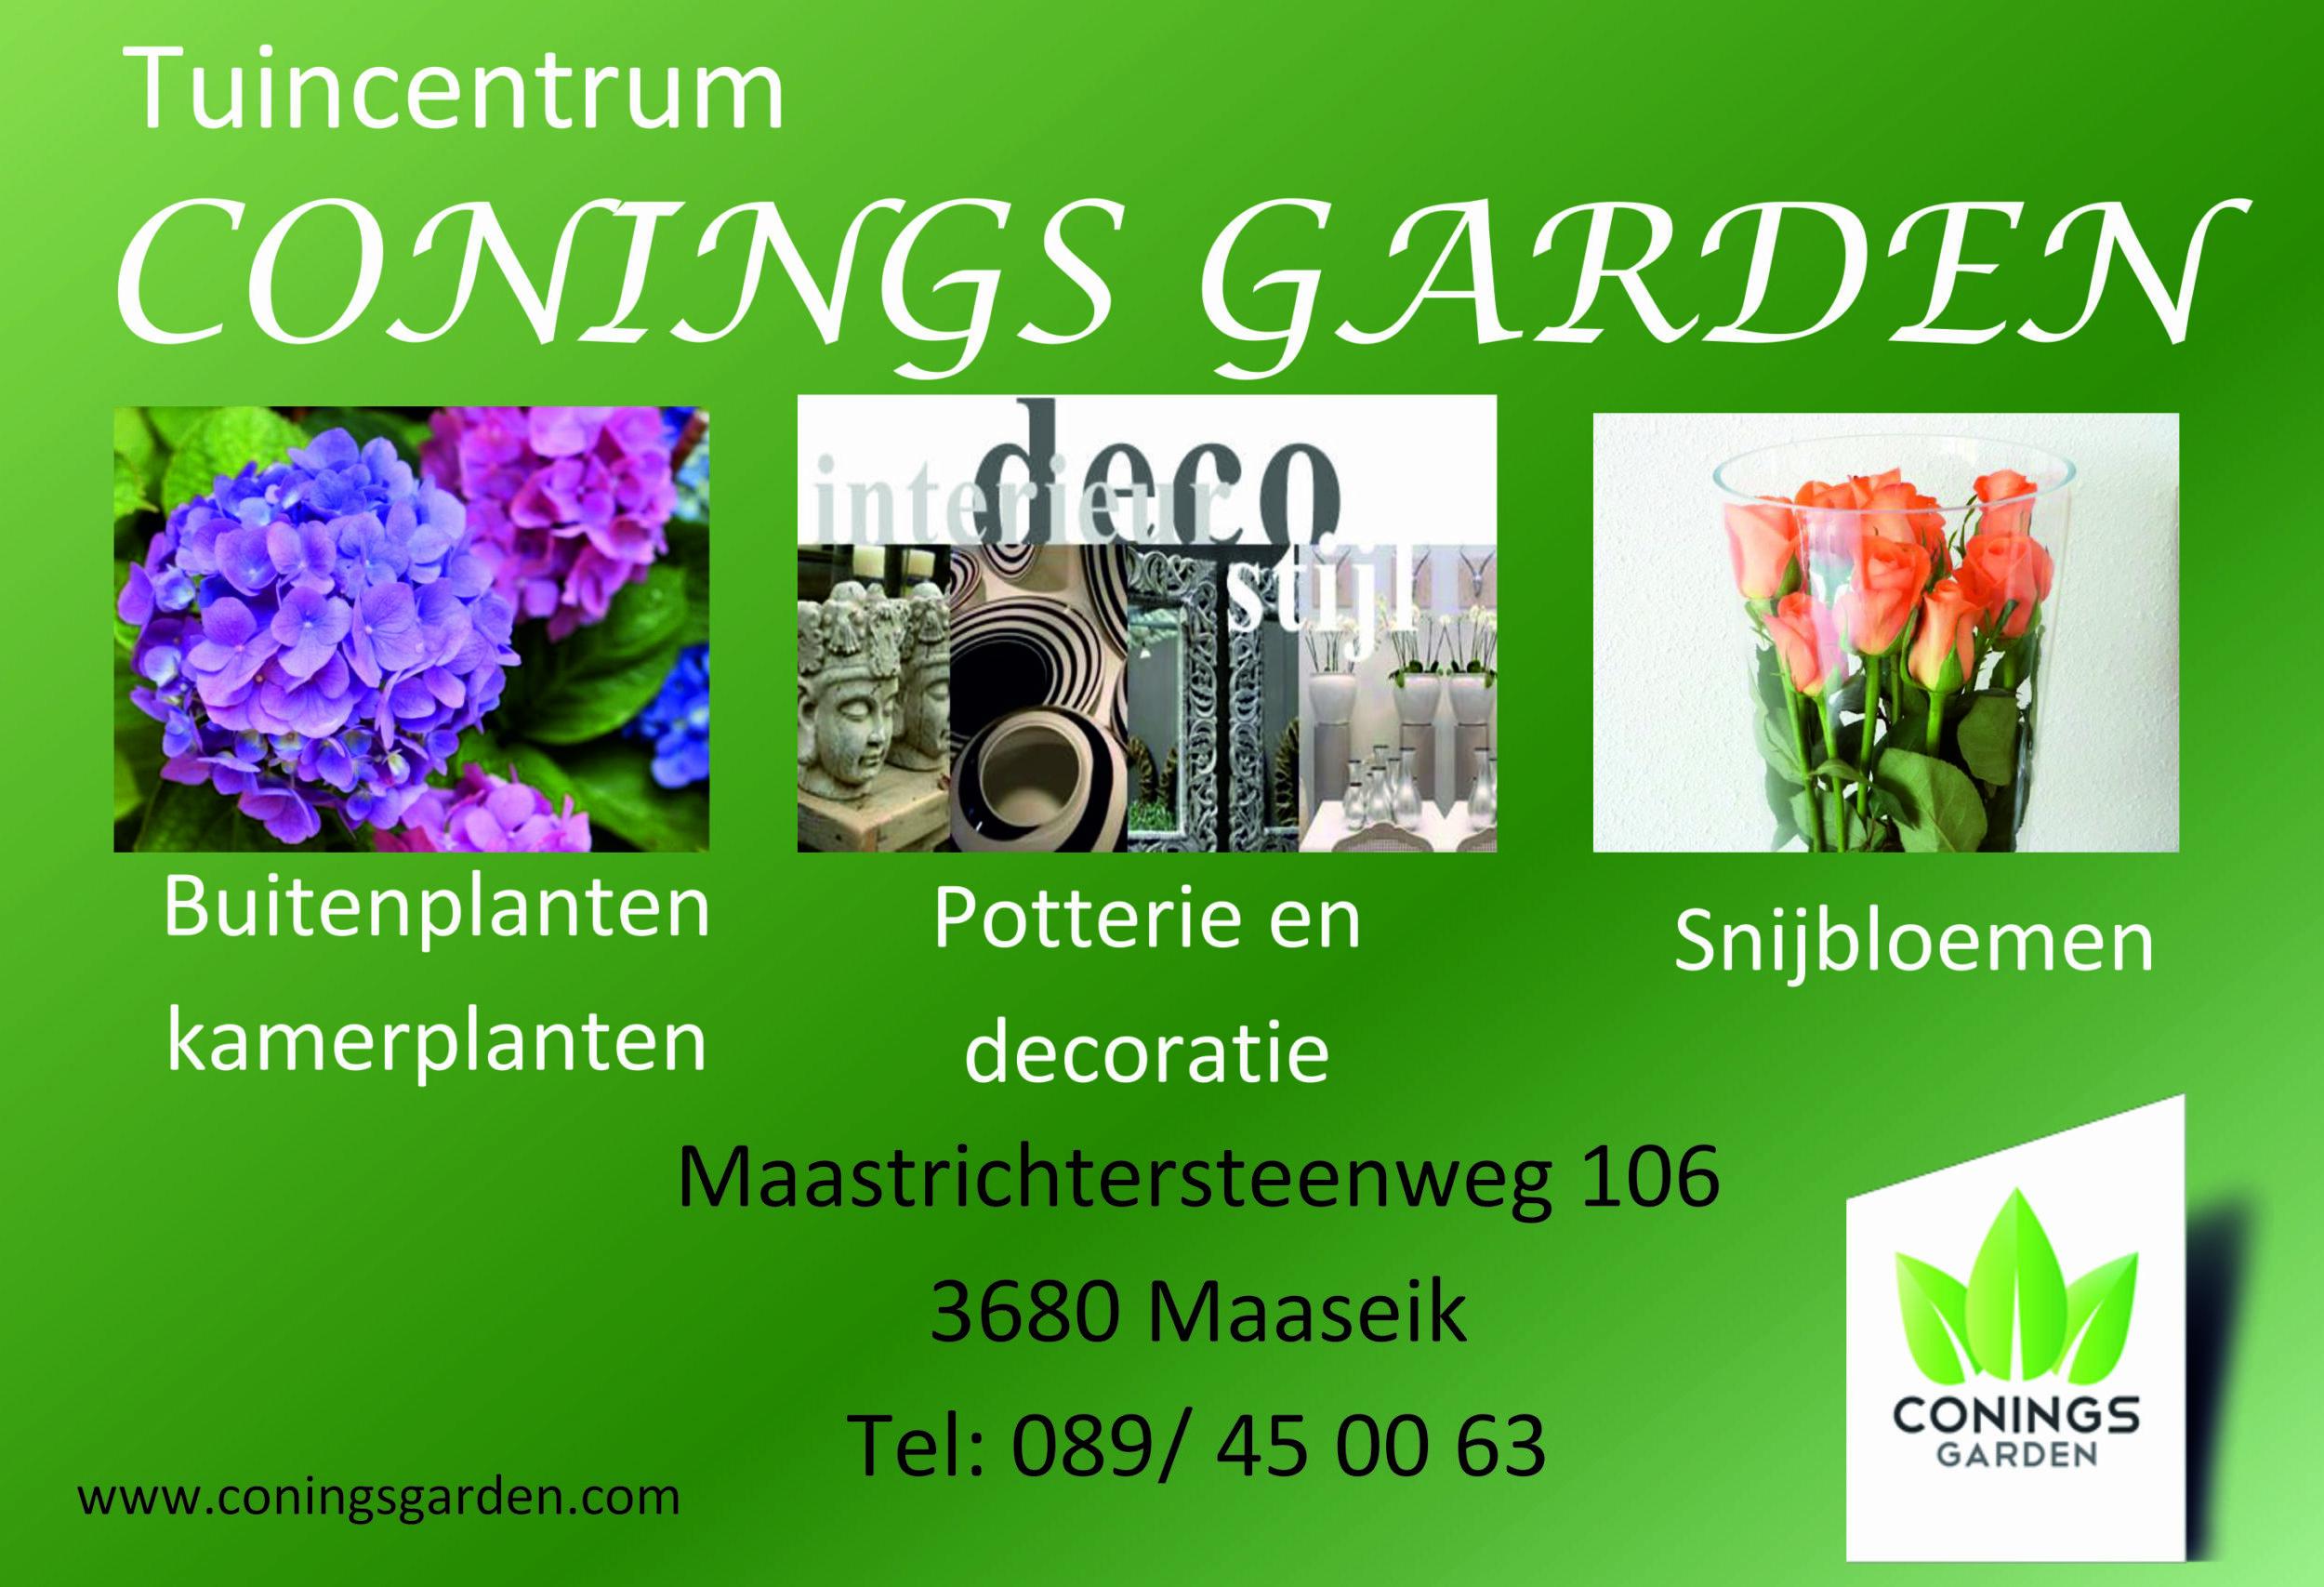 Conings_garden